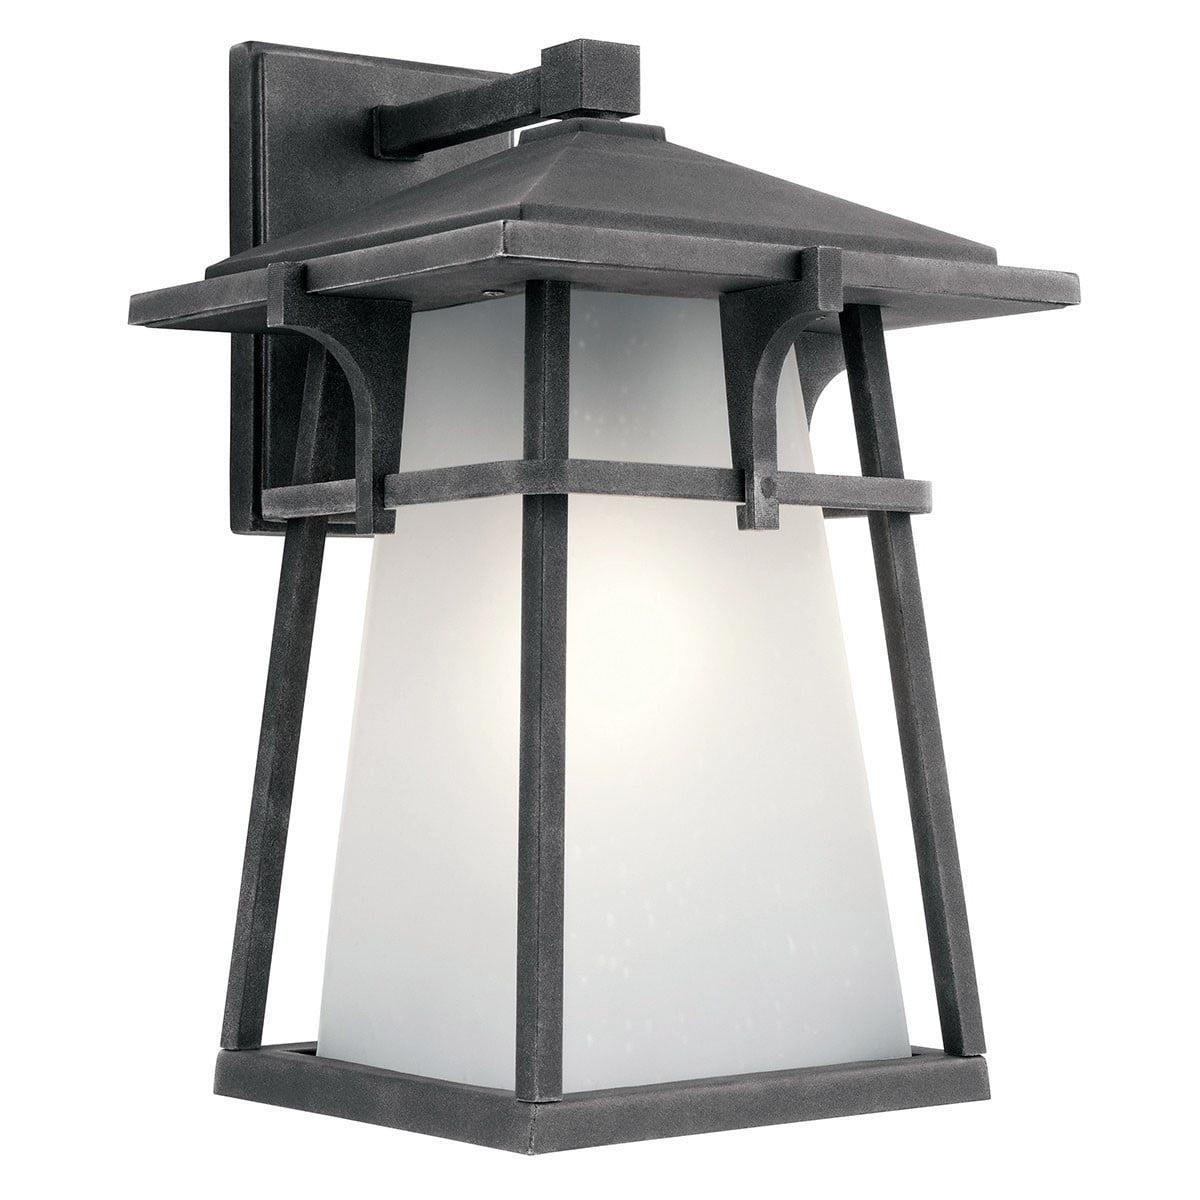 Kichler Beckett 49722WZCL18 Outdoor Wall Light